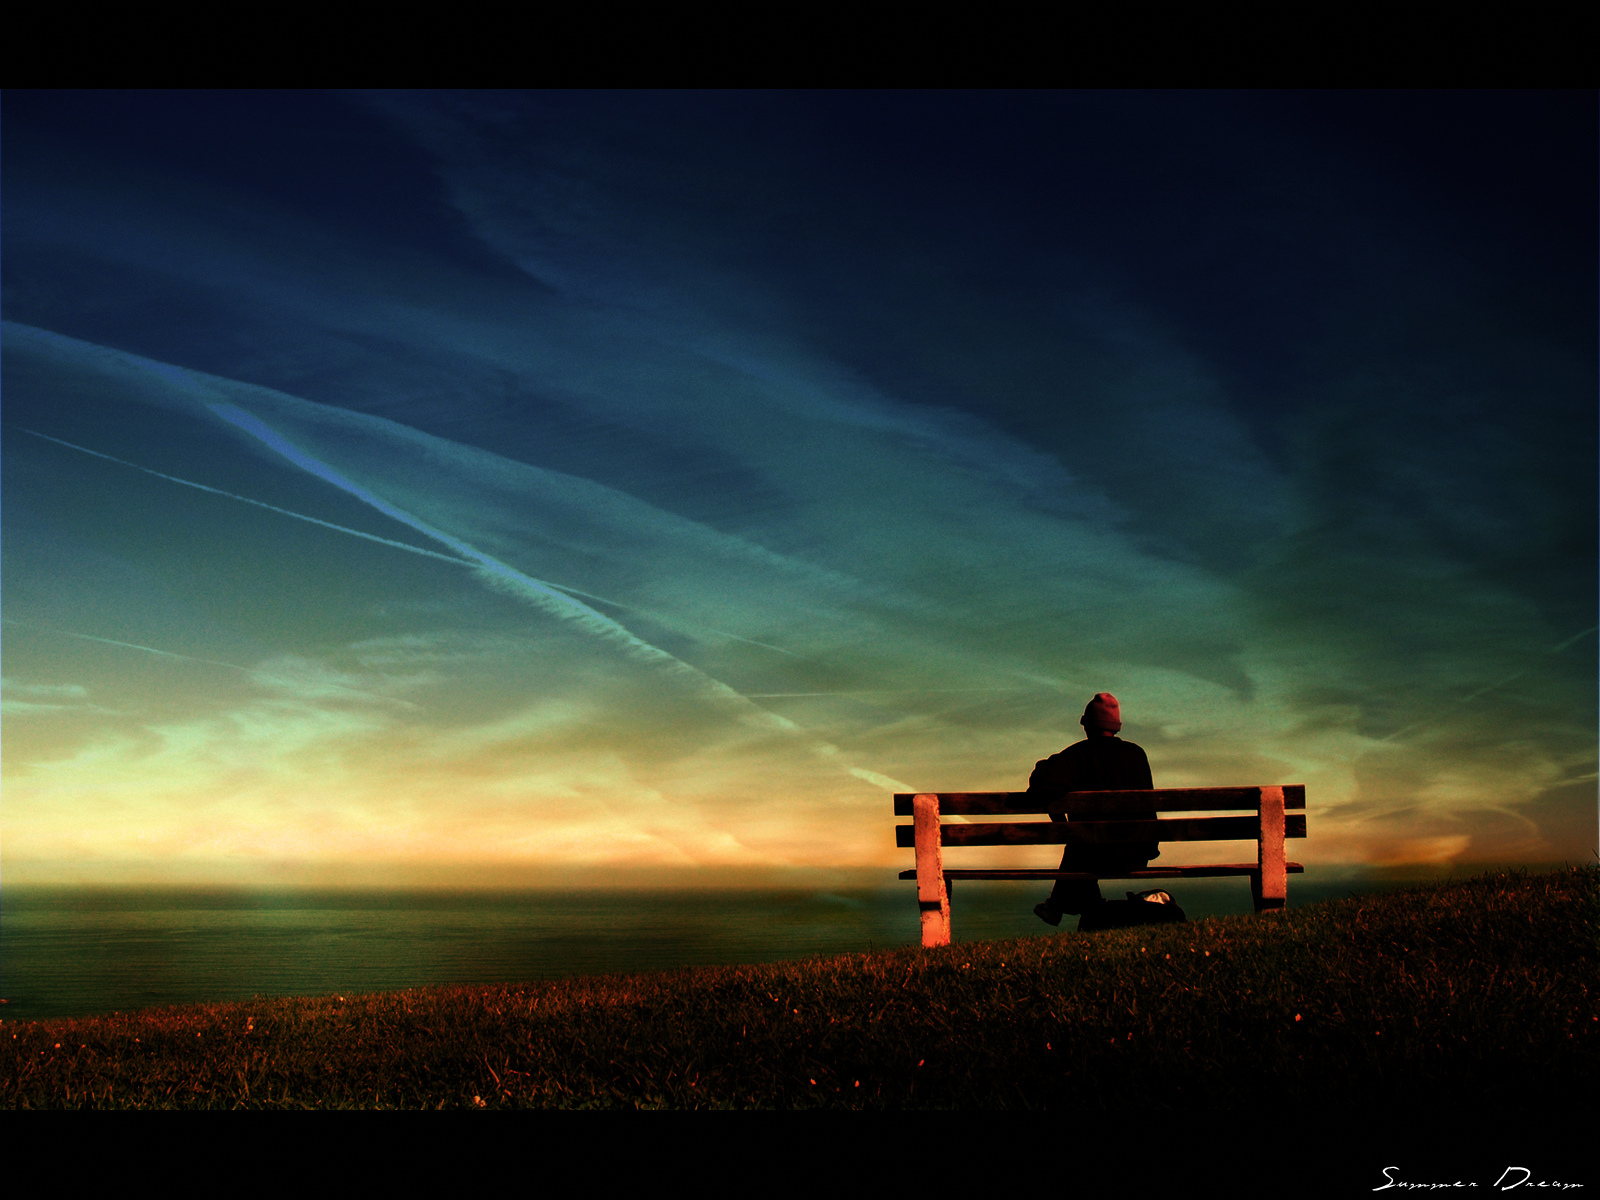 http://3.bp.blogspot.com/-3JdZj0XT3S0/Tnh-U888zyI/AAAAAAAABWU/wF-ge4Z8Y-k/s1600/live-your-dreams-my-dream-is-23986887-1600-1200.jpg